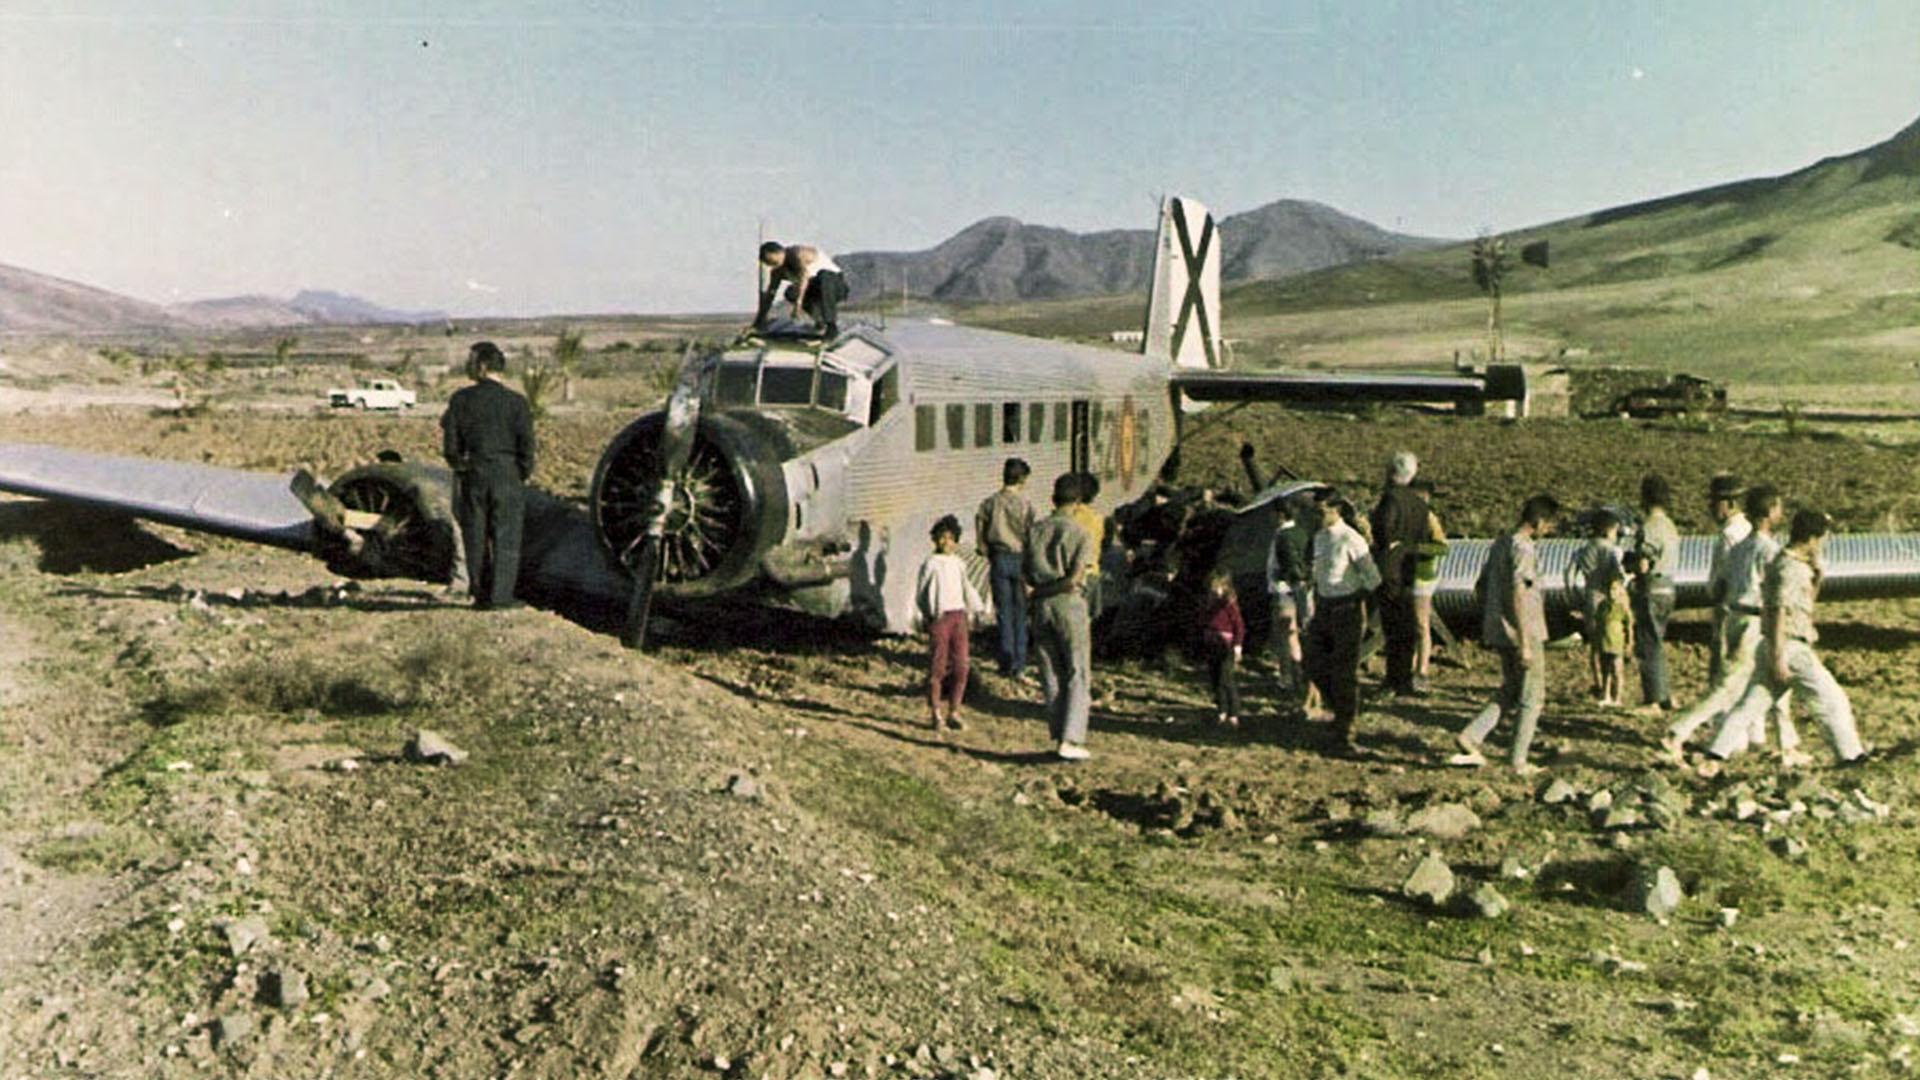 Sehenswürdigkeiten Fuerteventuras: Tefía – Flugfeld der Sahara Legion